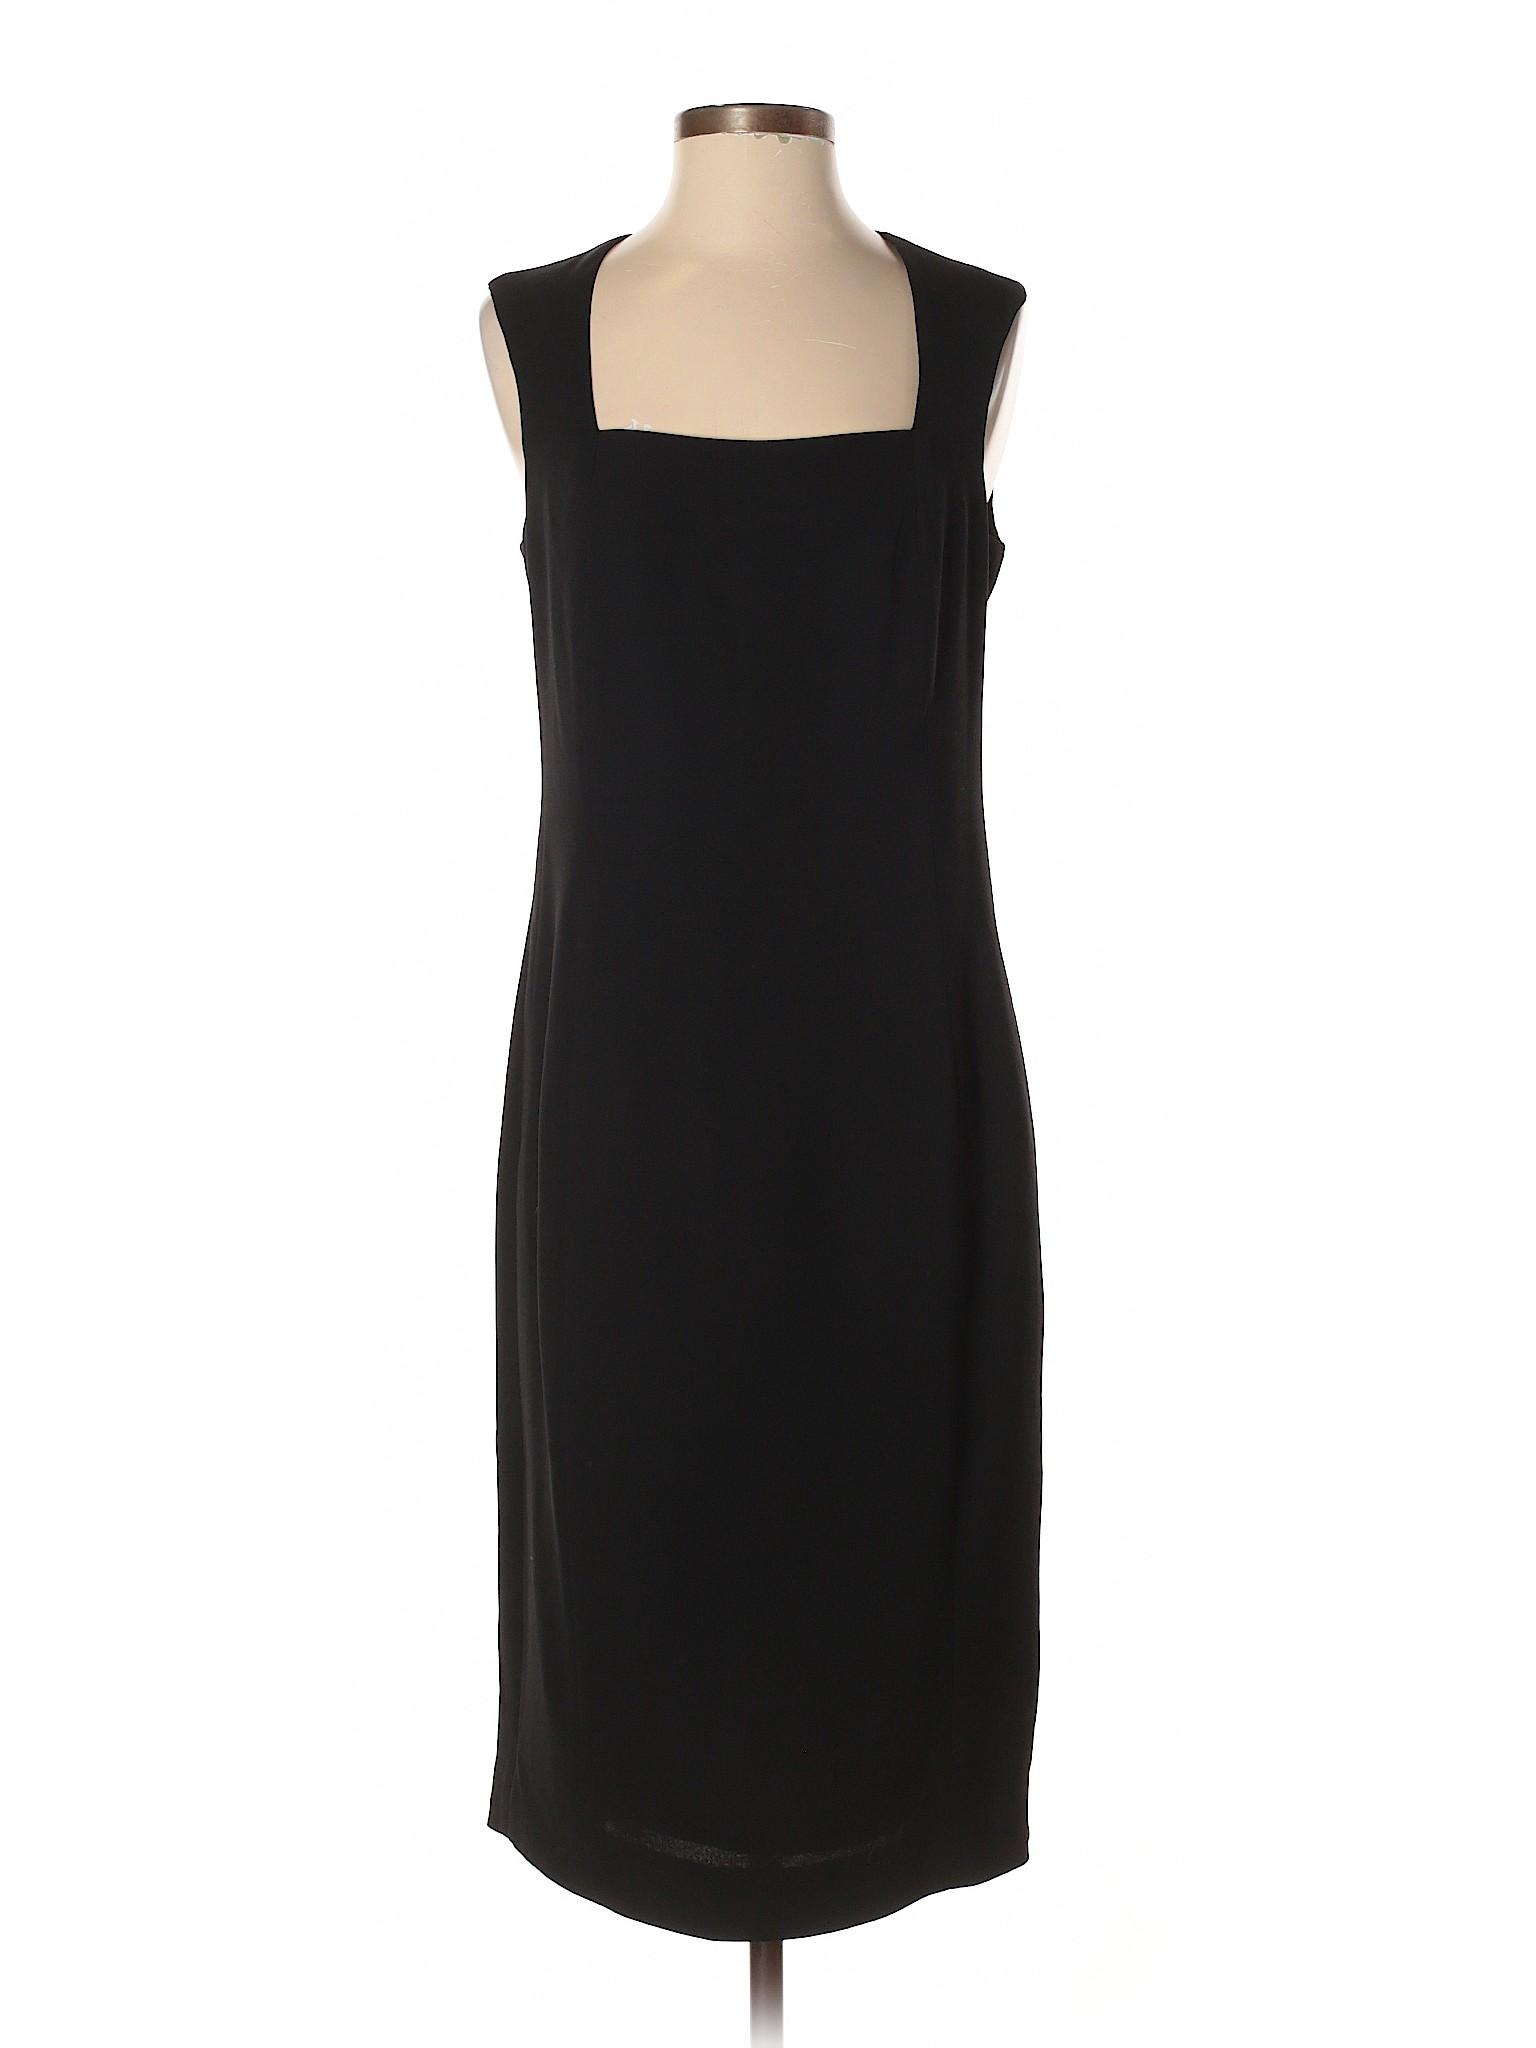 Casual Epic Epic Epic Dress Selling Dress Casual Casual Dress Casual Selling Selling Selling Epic wF8qA55